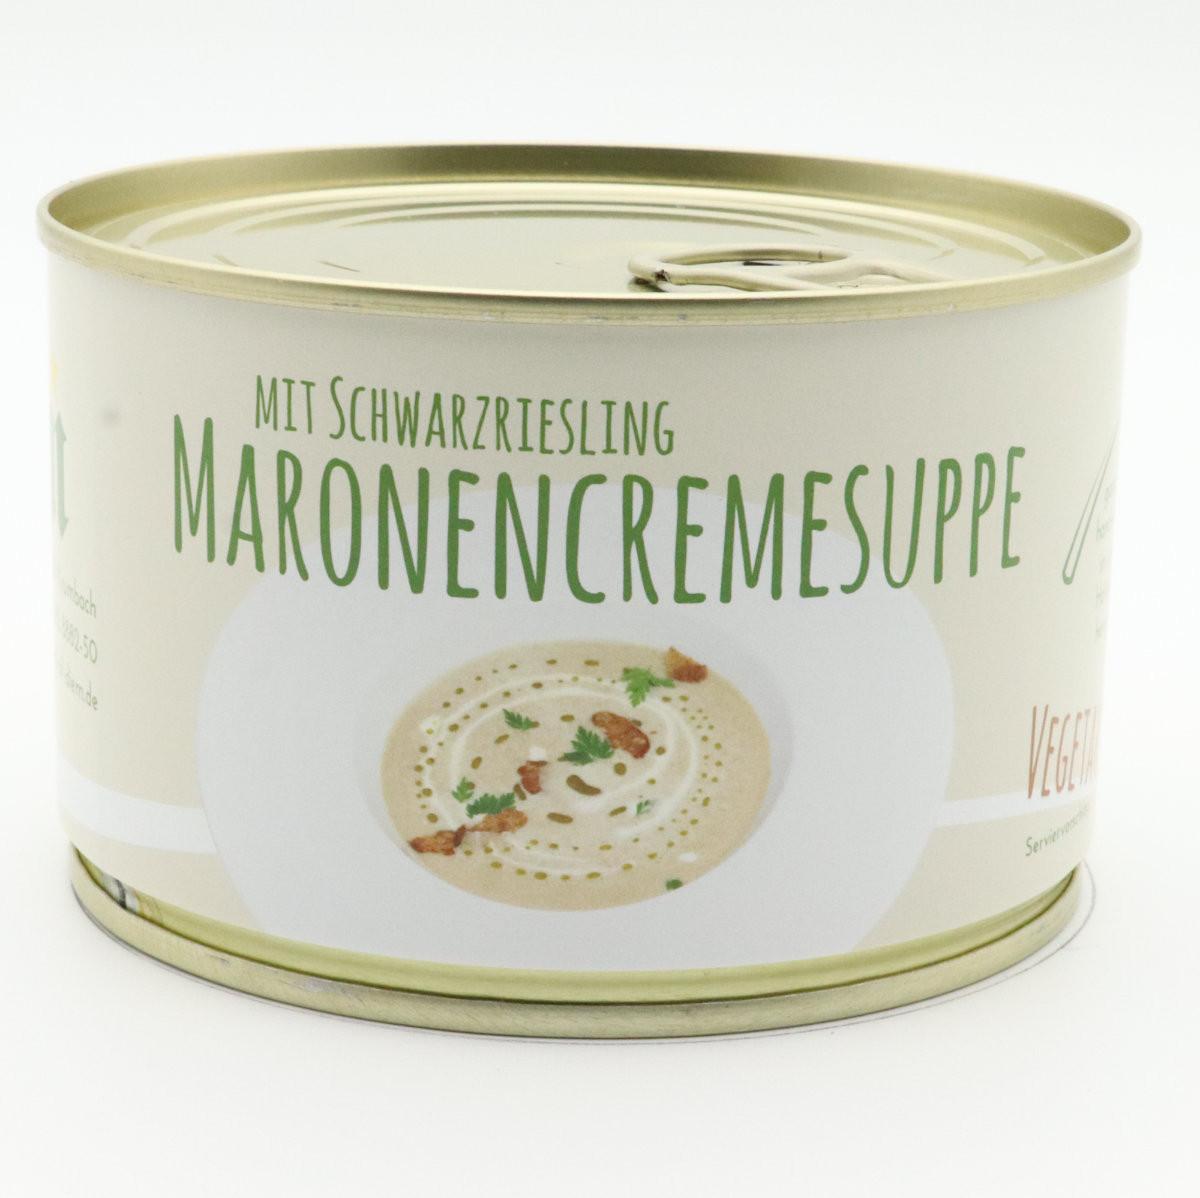 Maronencremesuppe mit Schwarzriesling